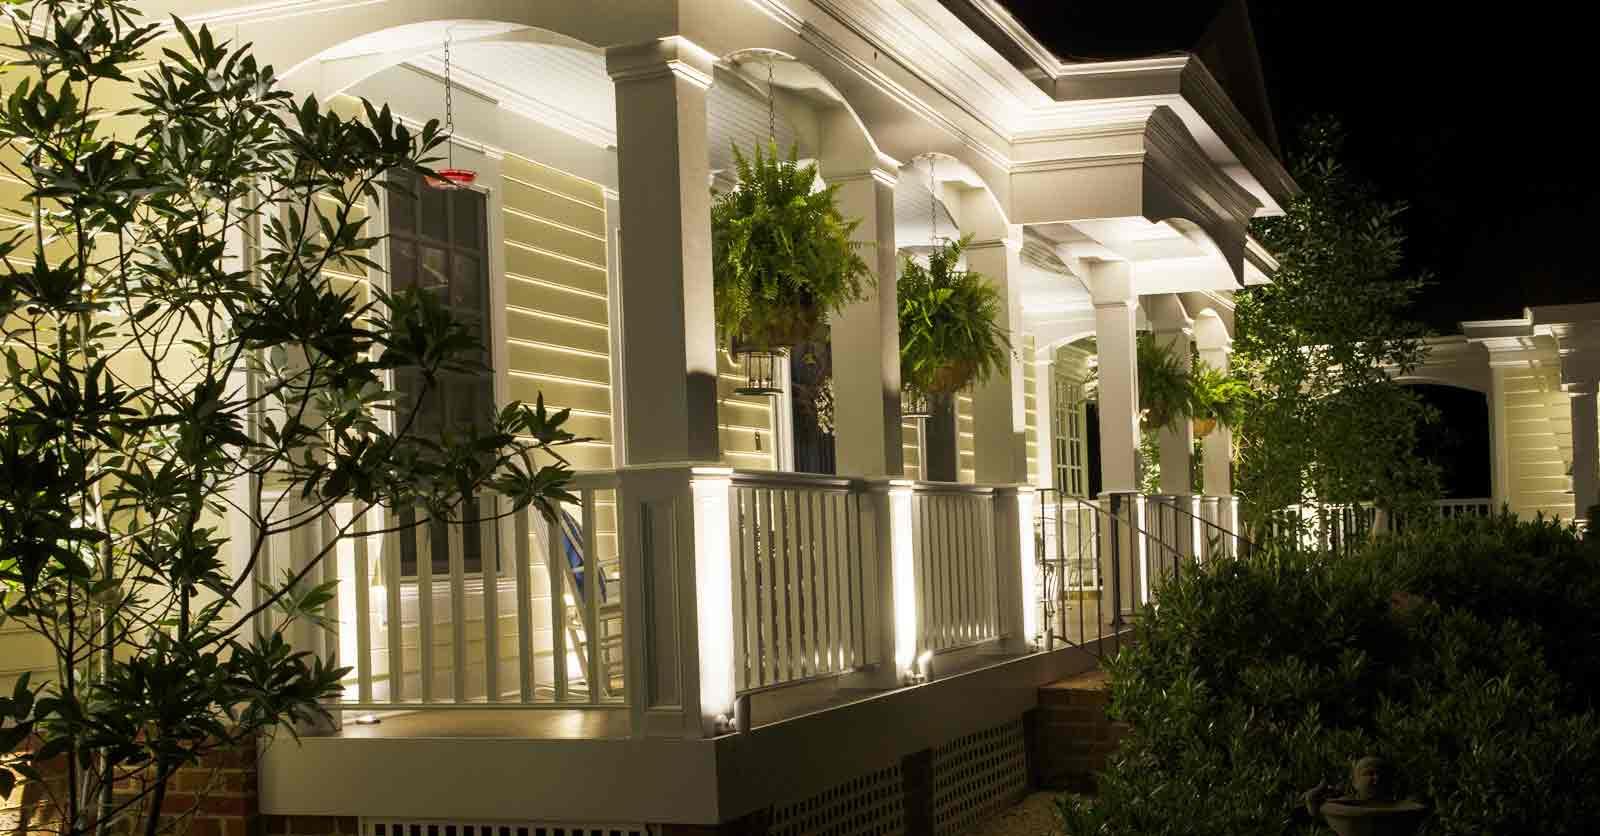 virginia exterior lighting contractor